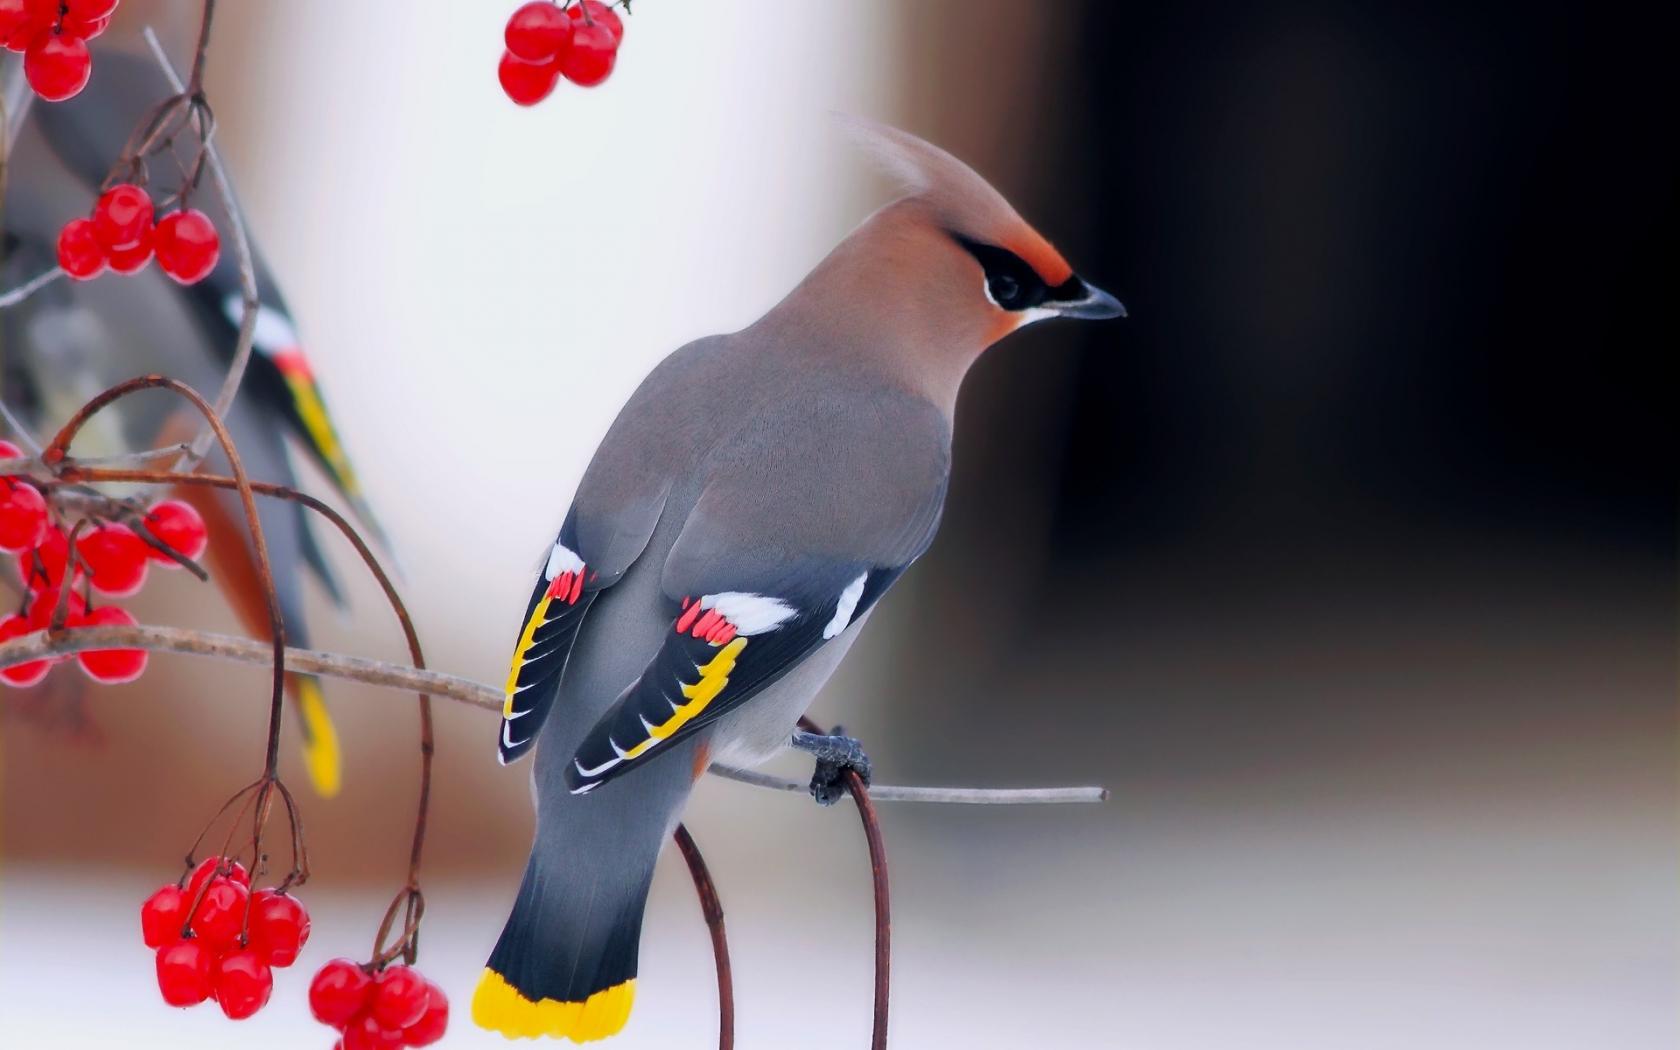 Una hermosa ave - 1680x1050